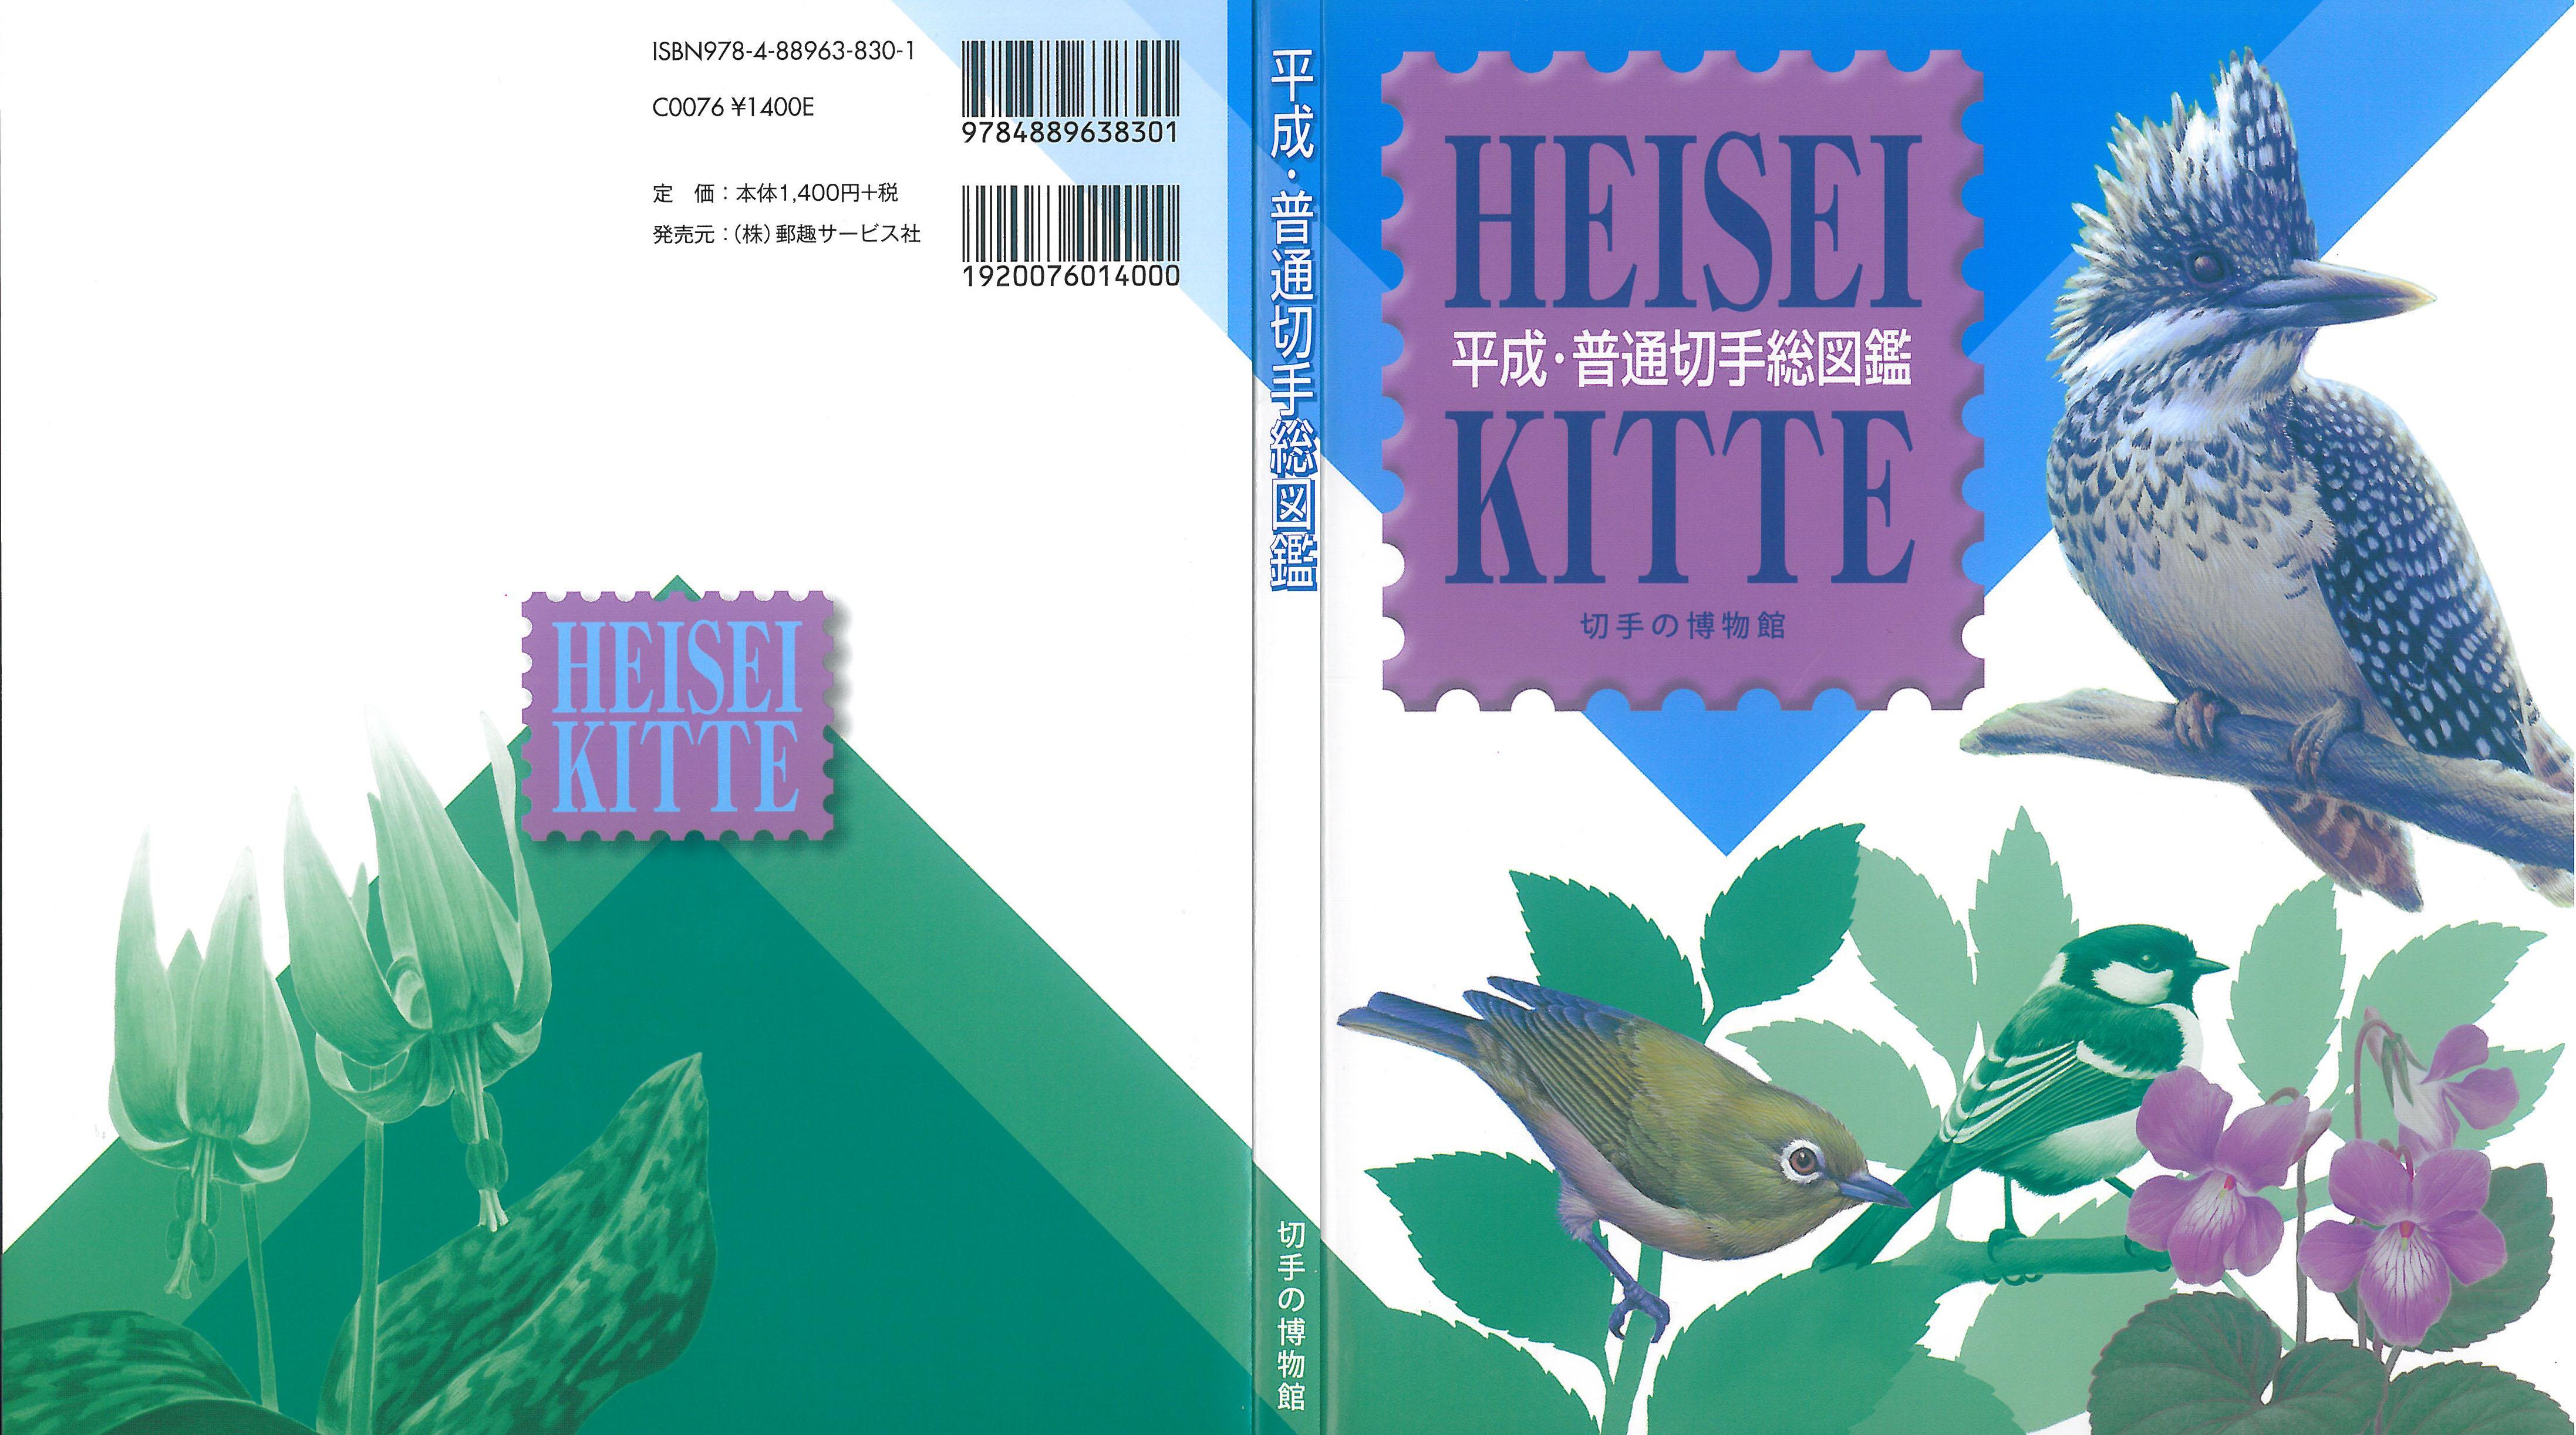 2019.05.20 切手の図鑑 『平成・普通切手総図鑑』に「くらら」の写真が掲載されました。